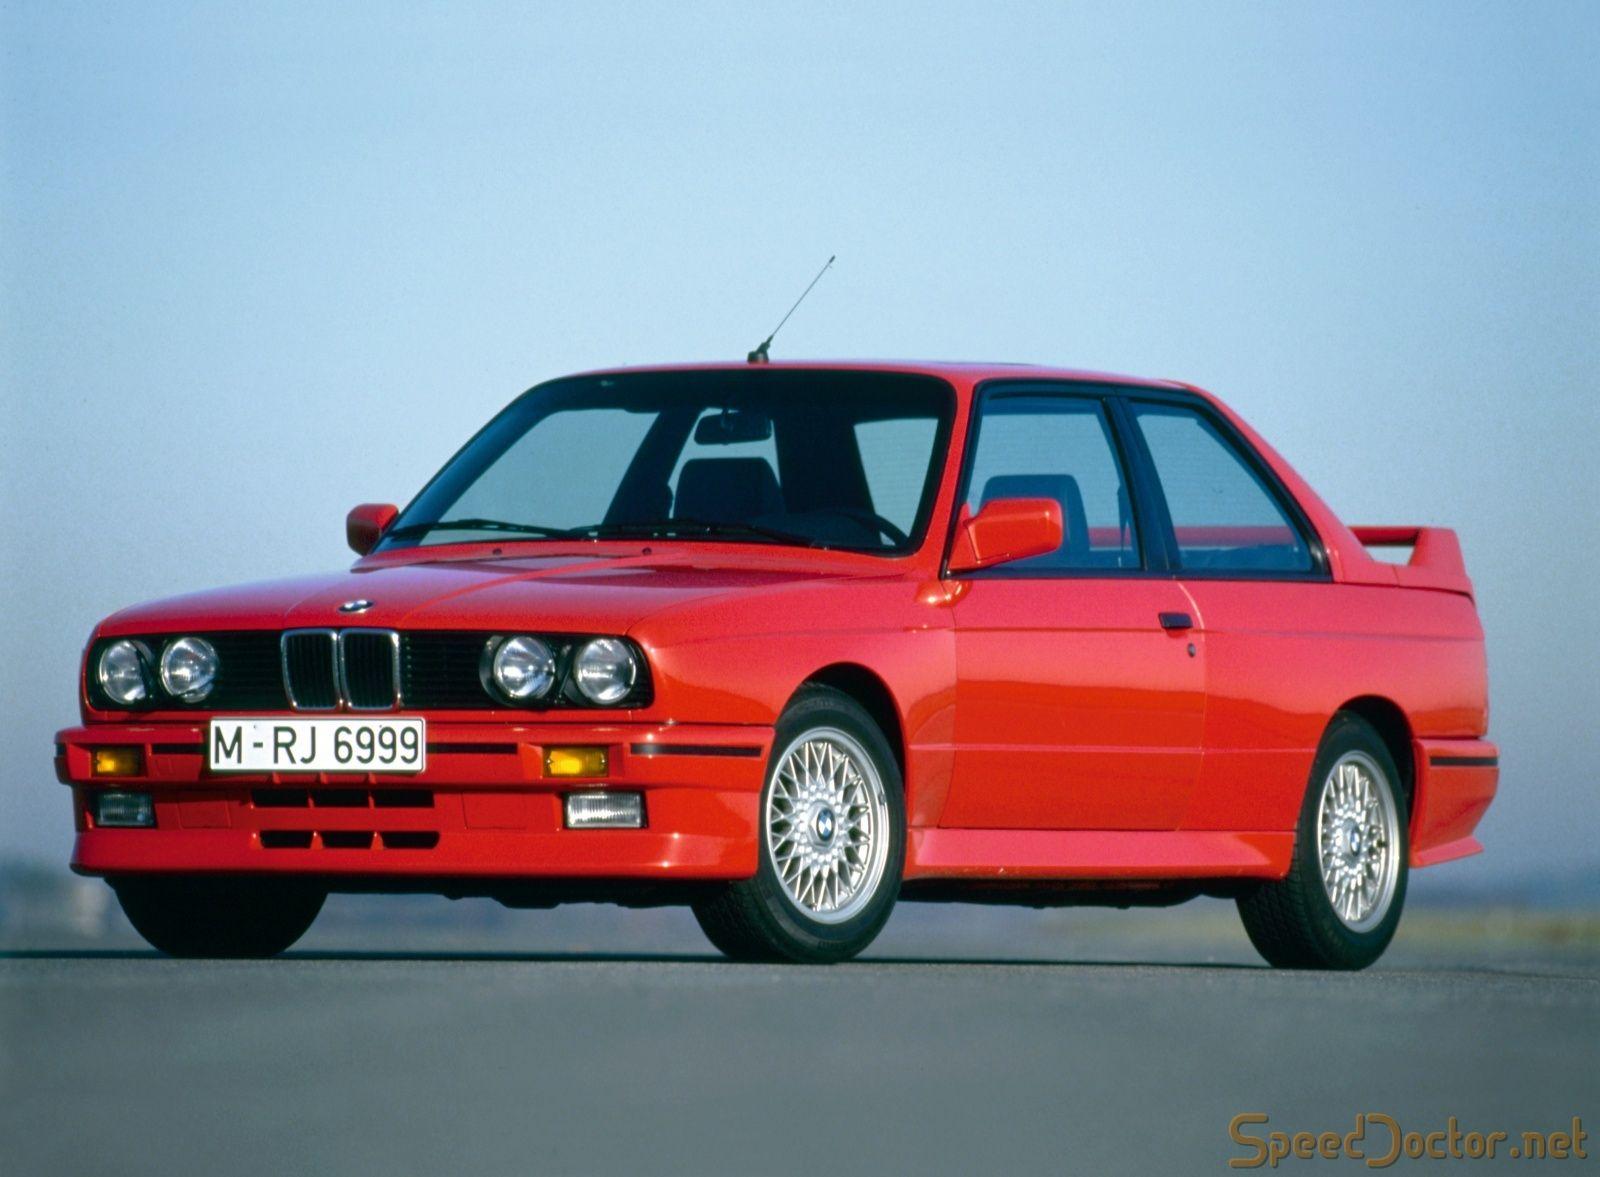 Bmw M3 E30 1986 1992 Speeddoctor Net Bmw E30 Bmw E30 M3 Bmw M3 Coupe